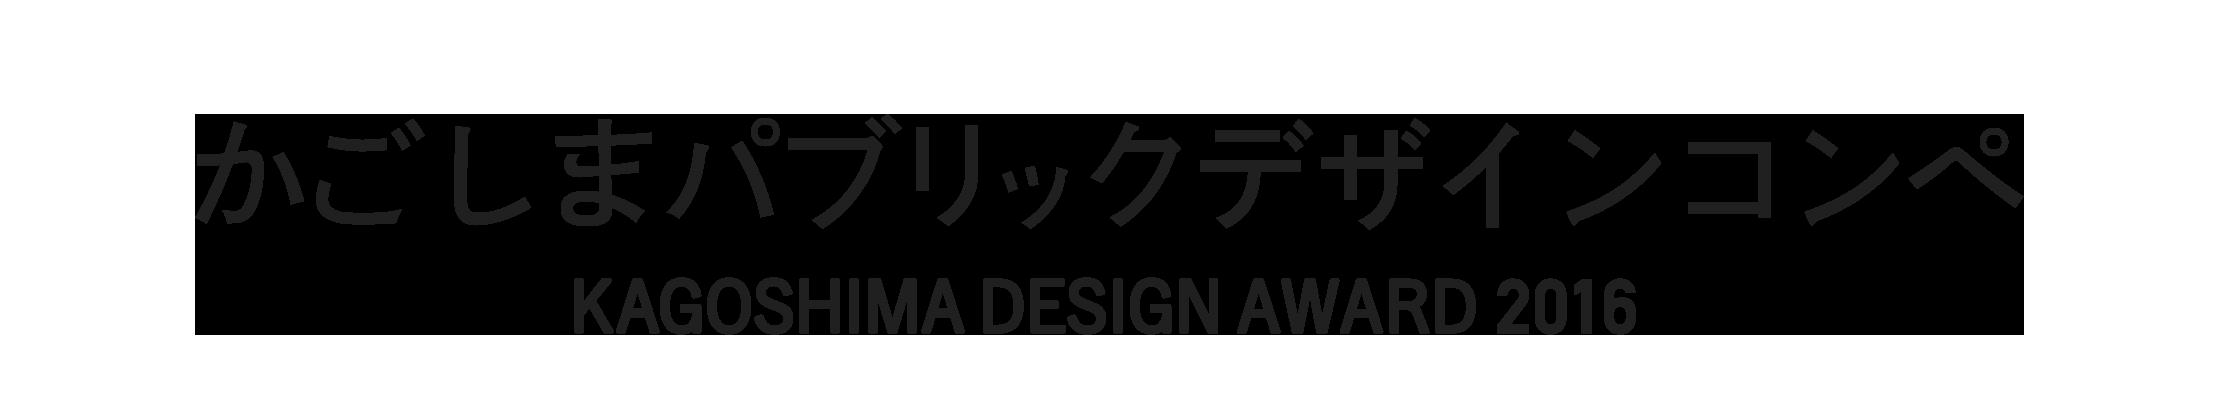 かごしまデザインアワード2016 パブリックデザインコンペ